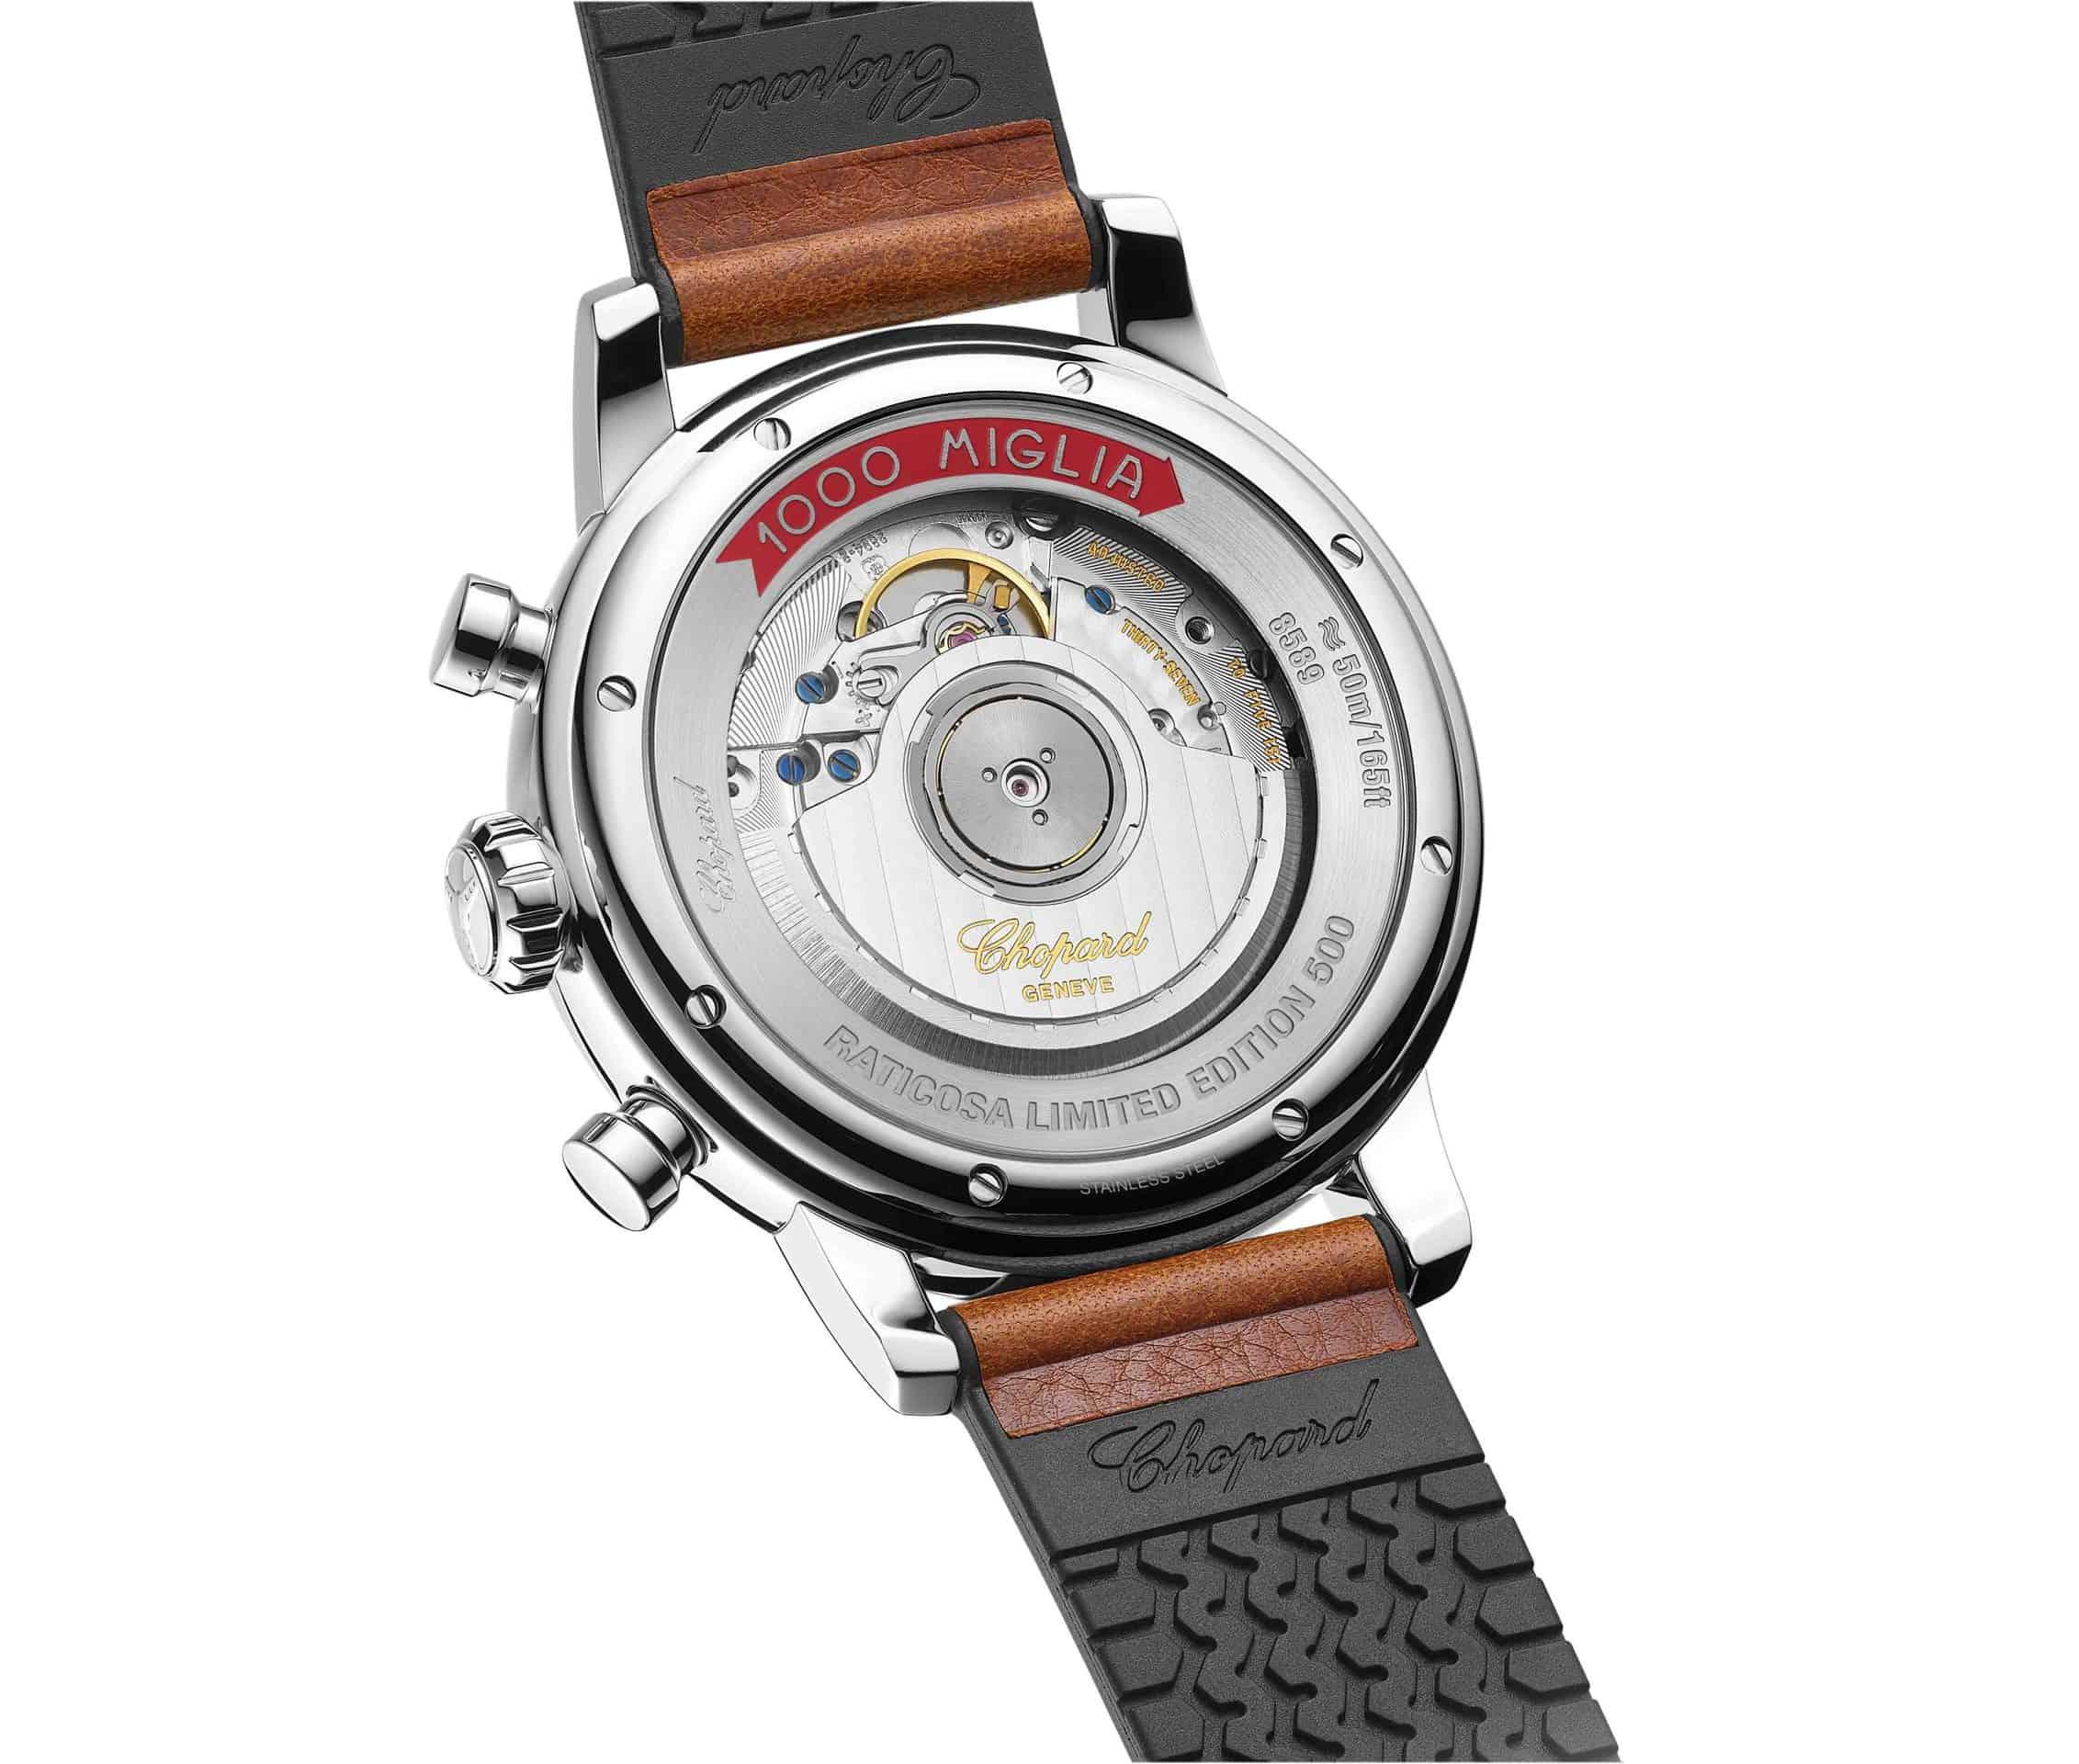 Kaliber Eta 2894-A2 des Mille Miglia Classic Raticosa Chronographen